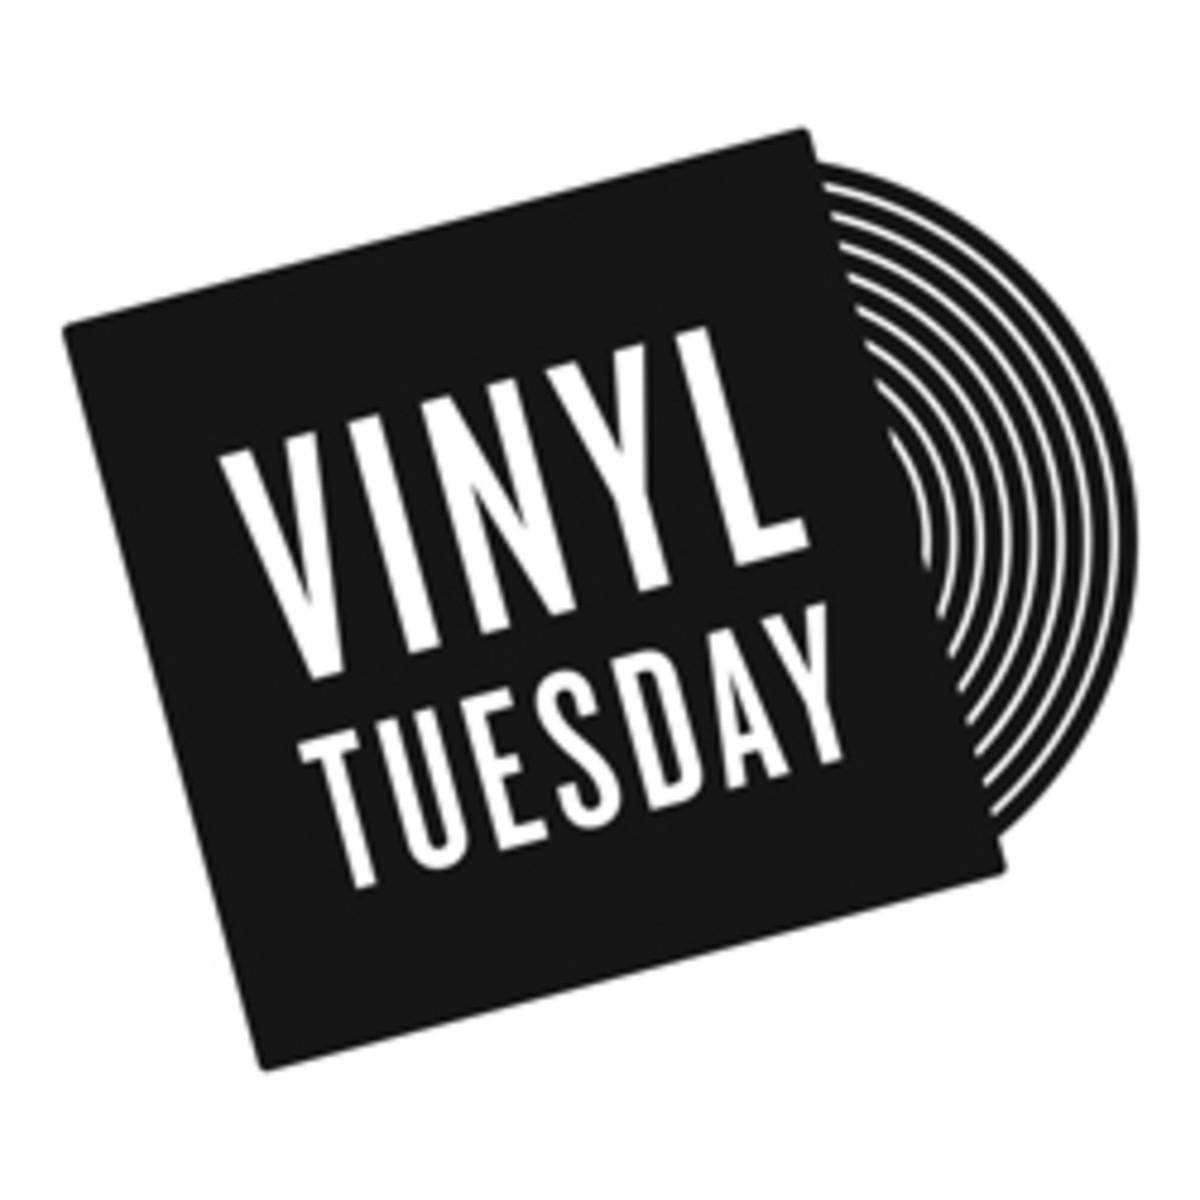 vinyltuesday